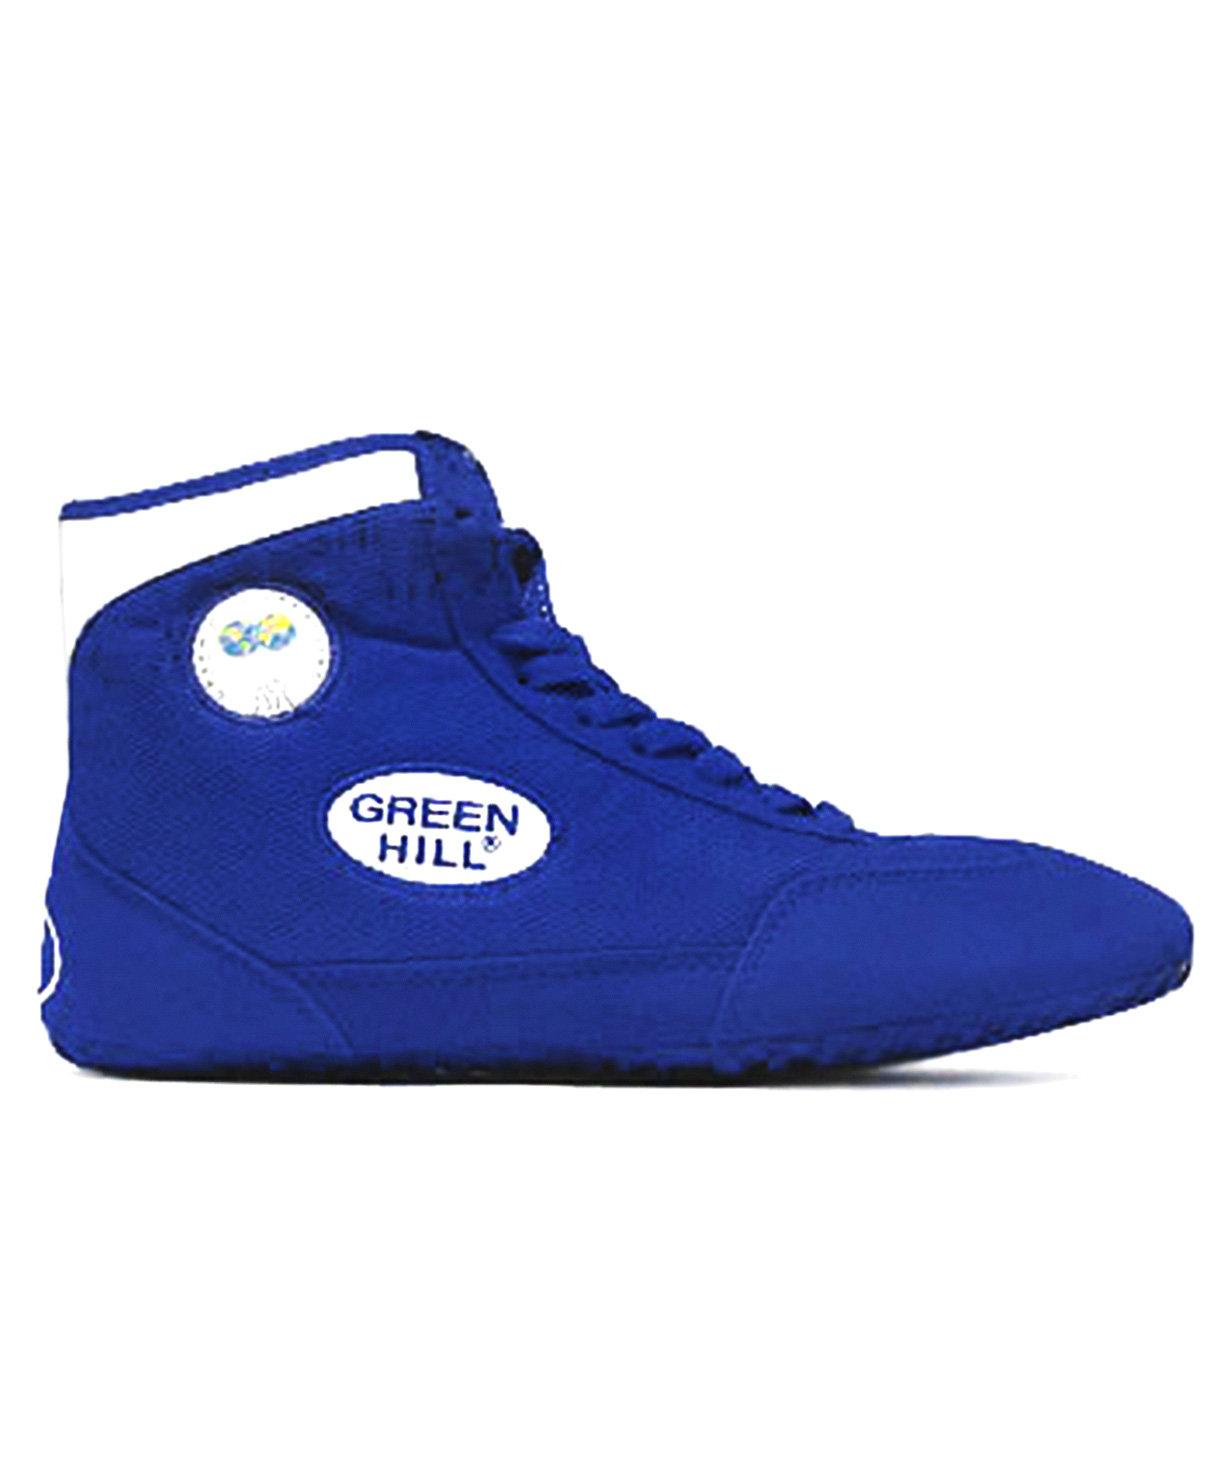 Обувь для борьбы Gwb-3052/gwb-3055, синяя/белая размер 36